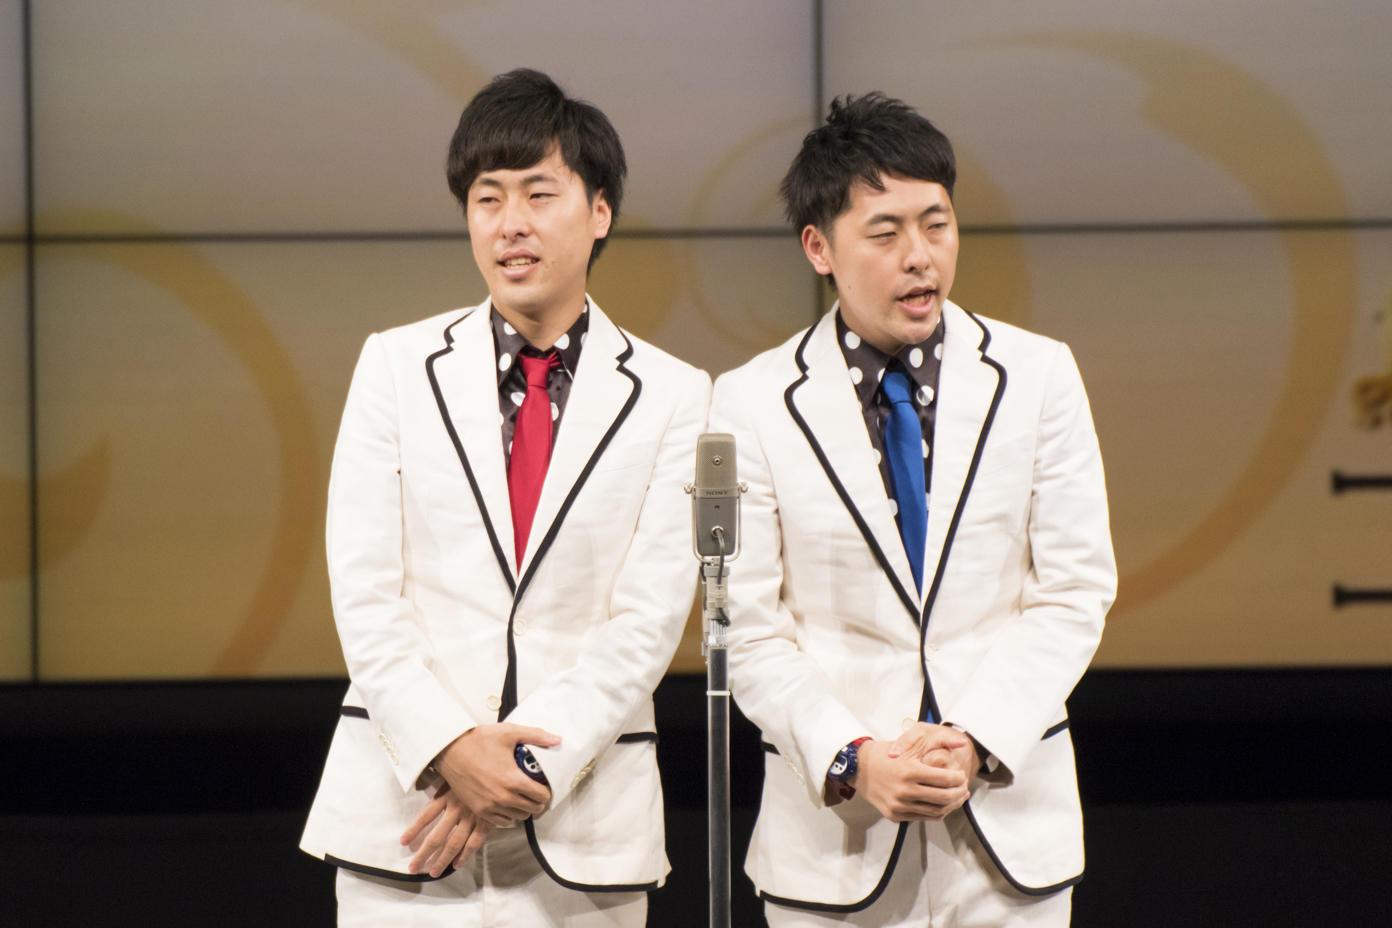 http://news.yoshimoto.co.jp/20160824233042-7d22e9775cd5d63308b2a3fa45127d32b3b822dc.jpg